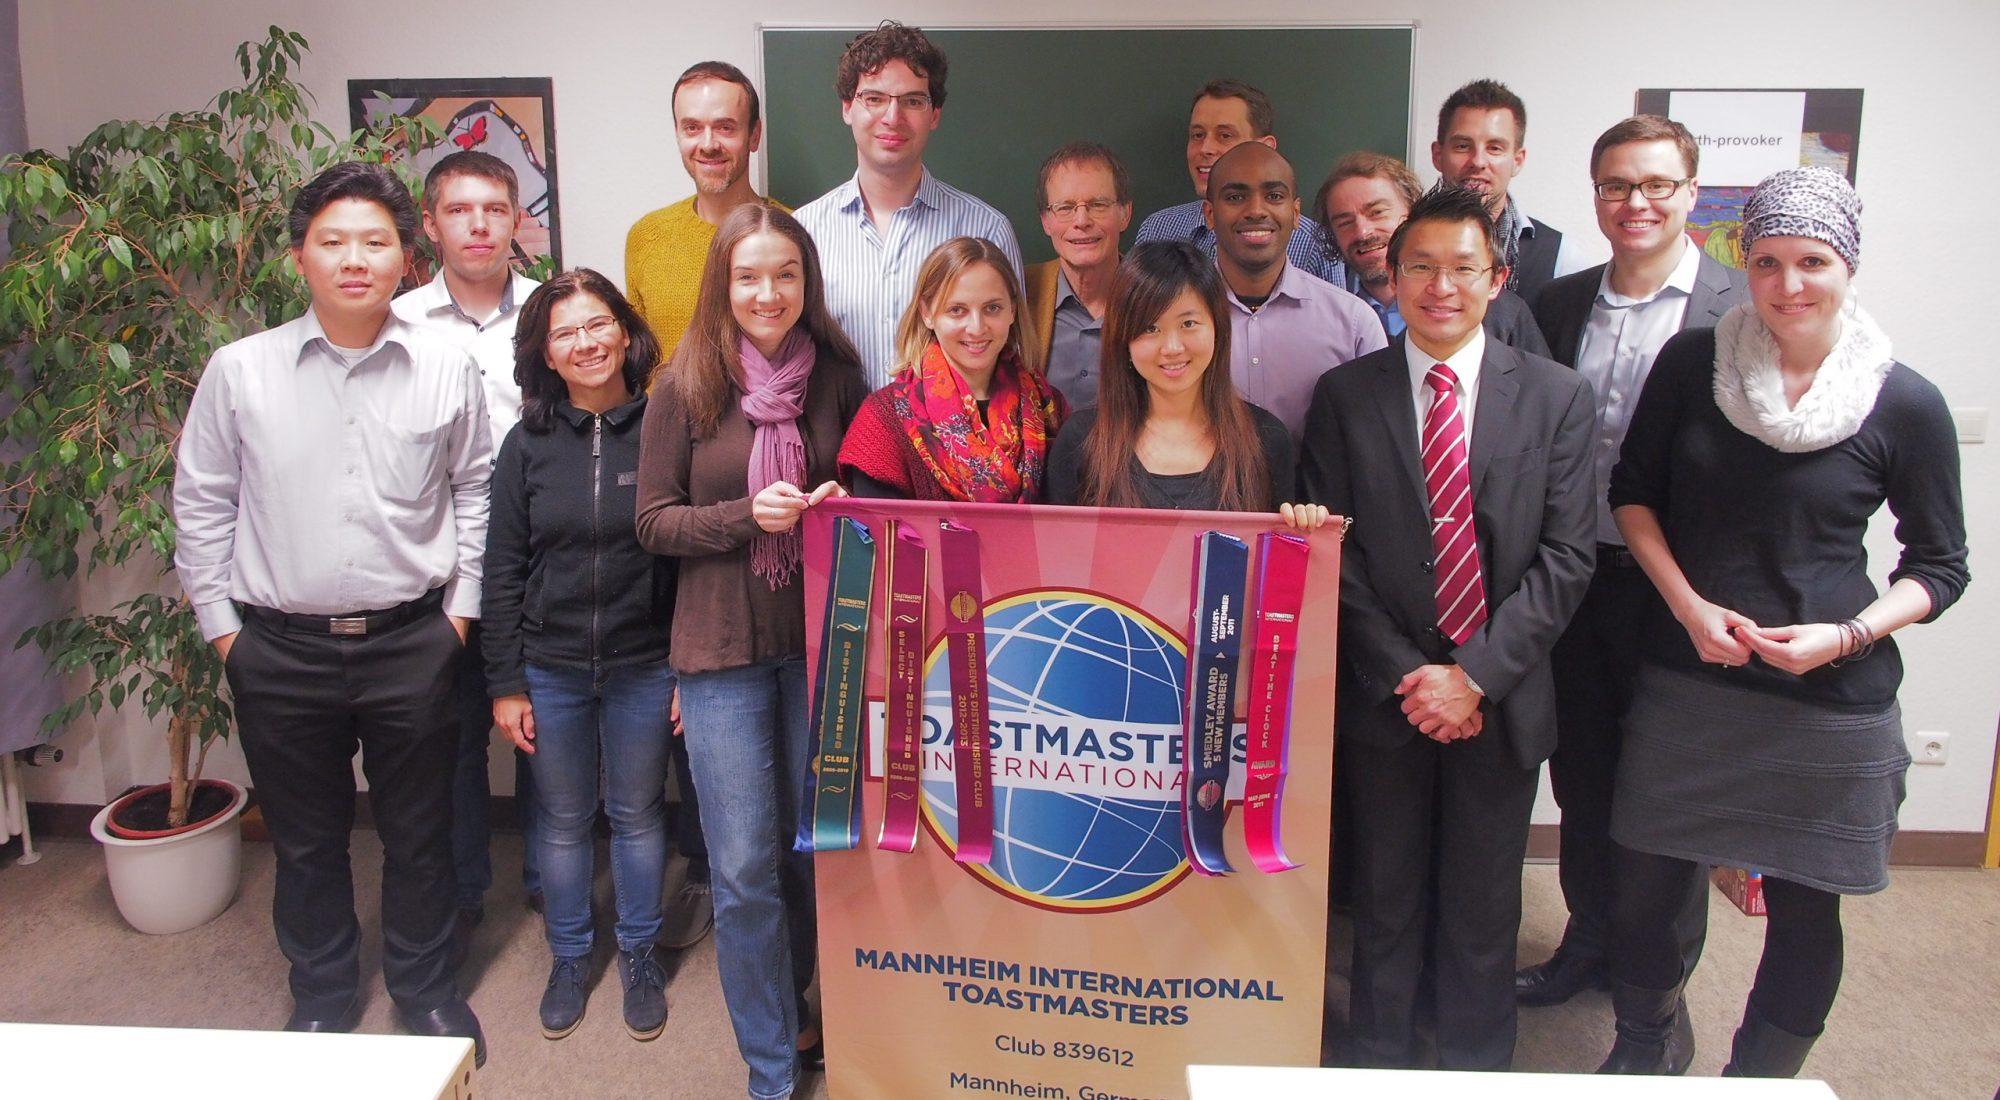 Mannheim International Toastmasters Club